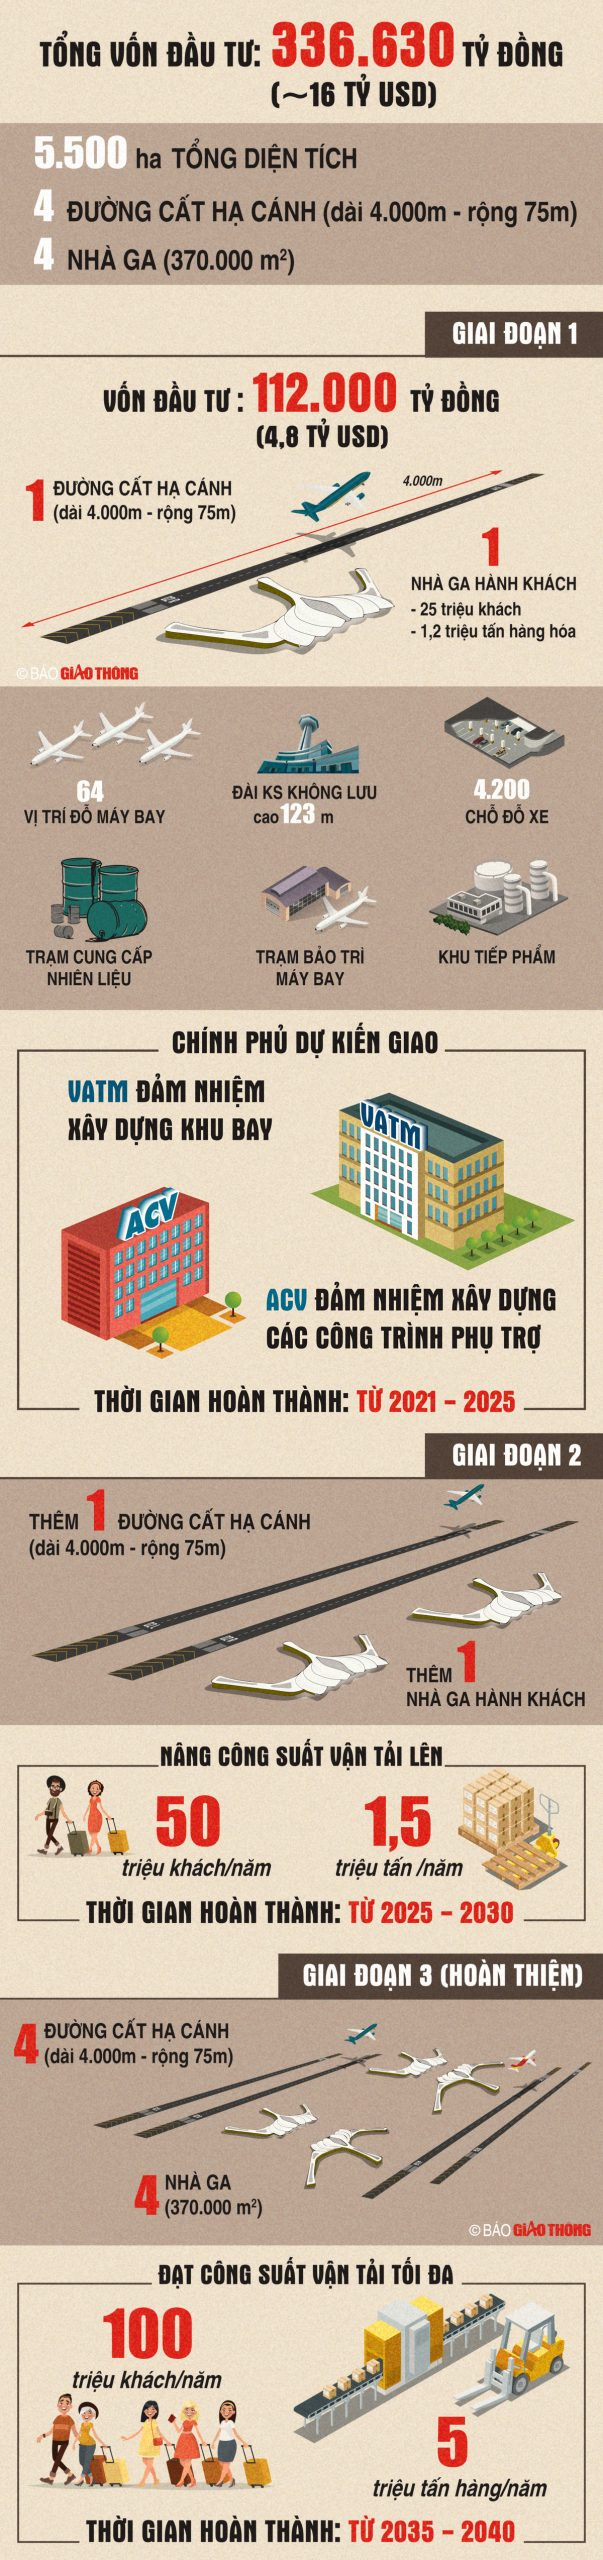 tong quan du an san bay long thanh scaled - Thành phố Sân bay và tiềm năng tăng trưởng BĐS Long Thành